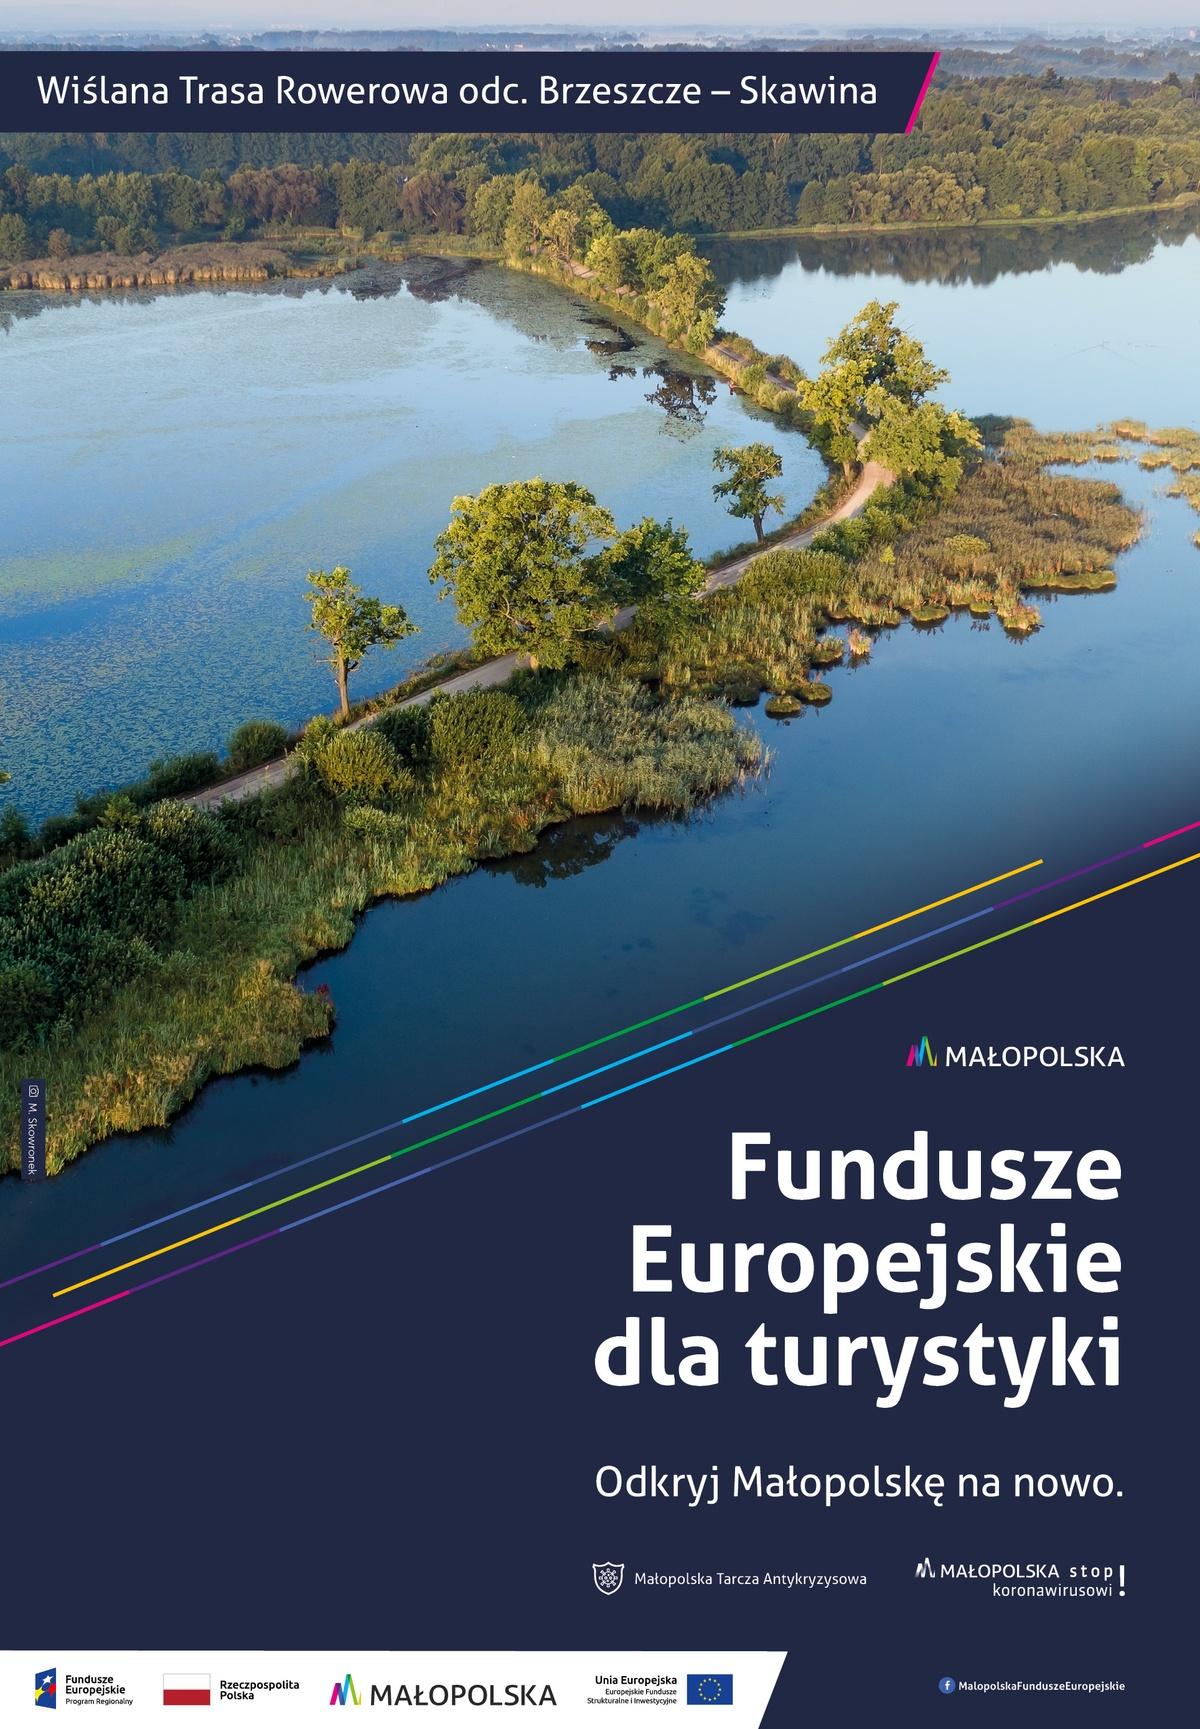 Plakat promujący trasę rowerową